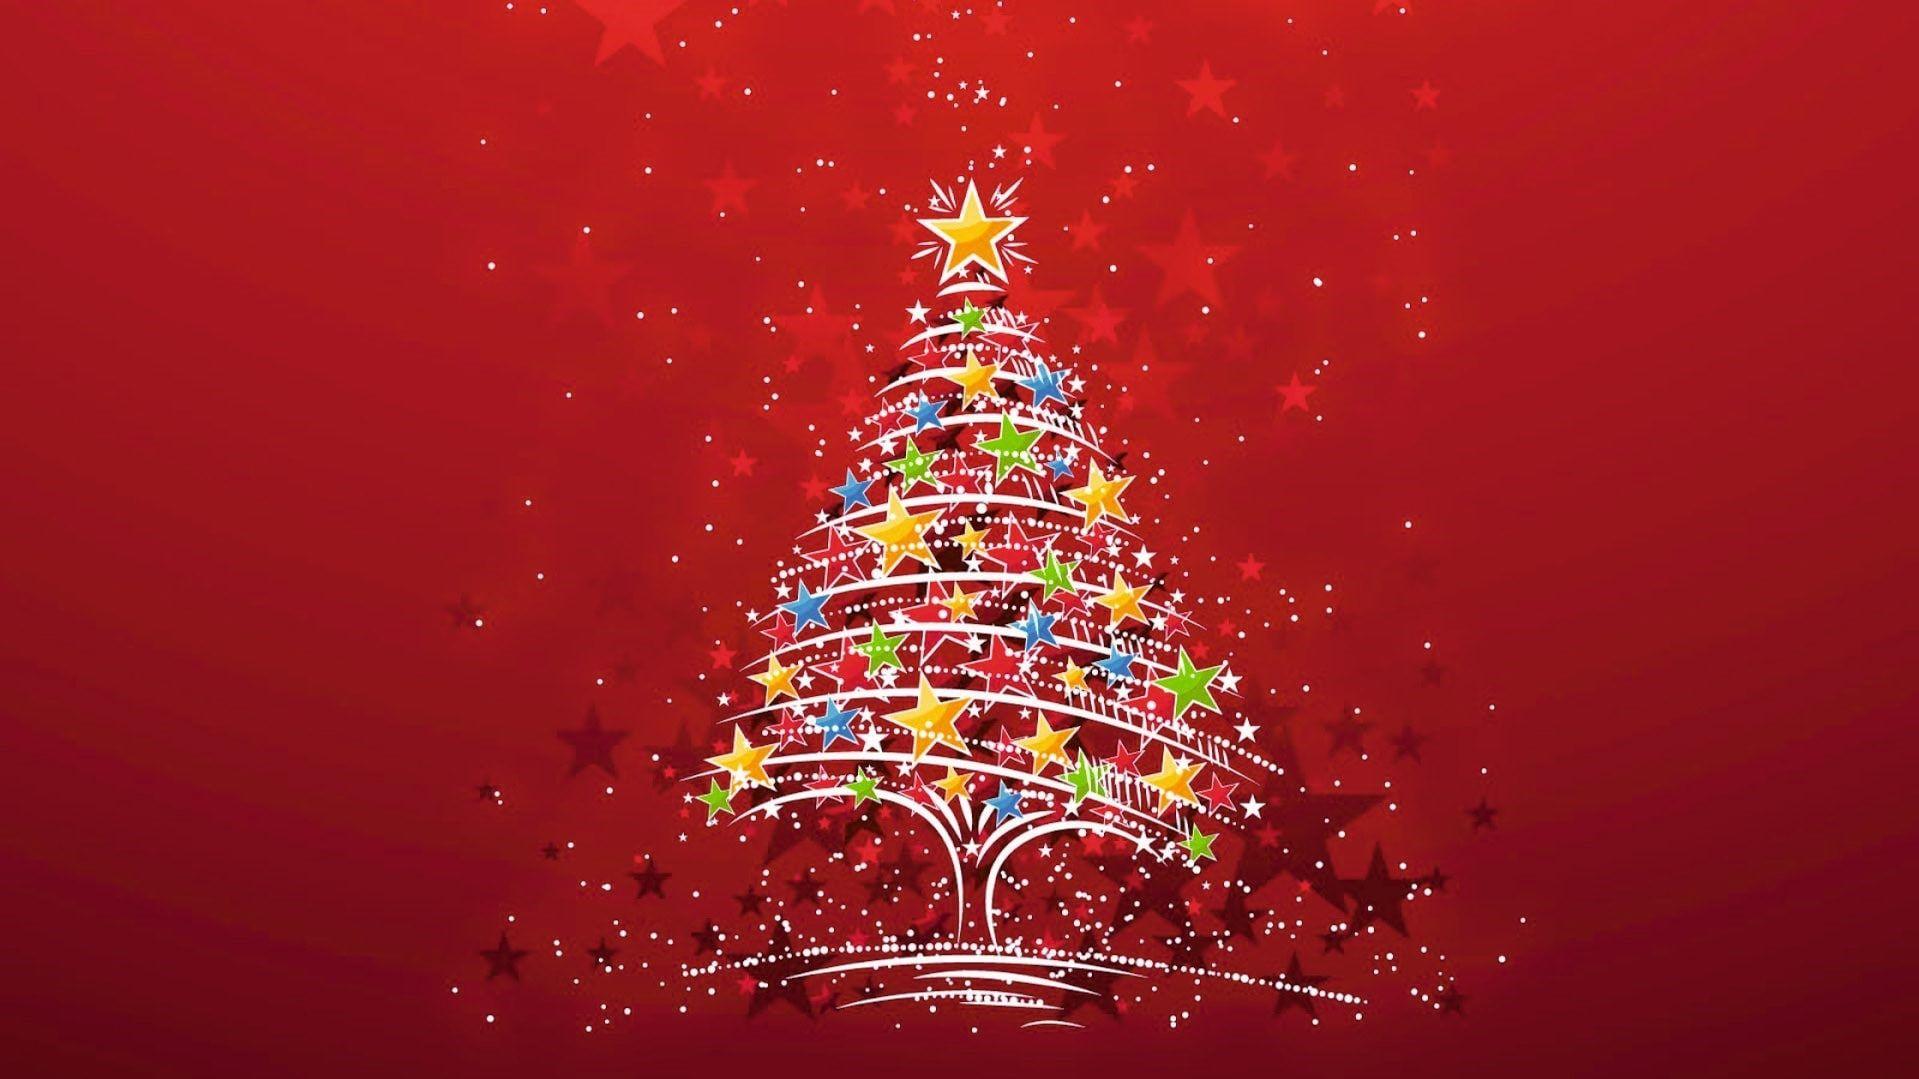 Natale Immagini Hd.Sfondi Desktop In Hd Gratis Da Scaricare Cartolina Buon Natale Auguri Natale Temi Natalizi